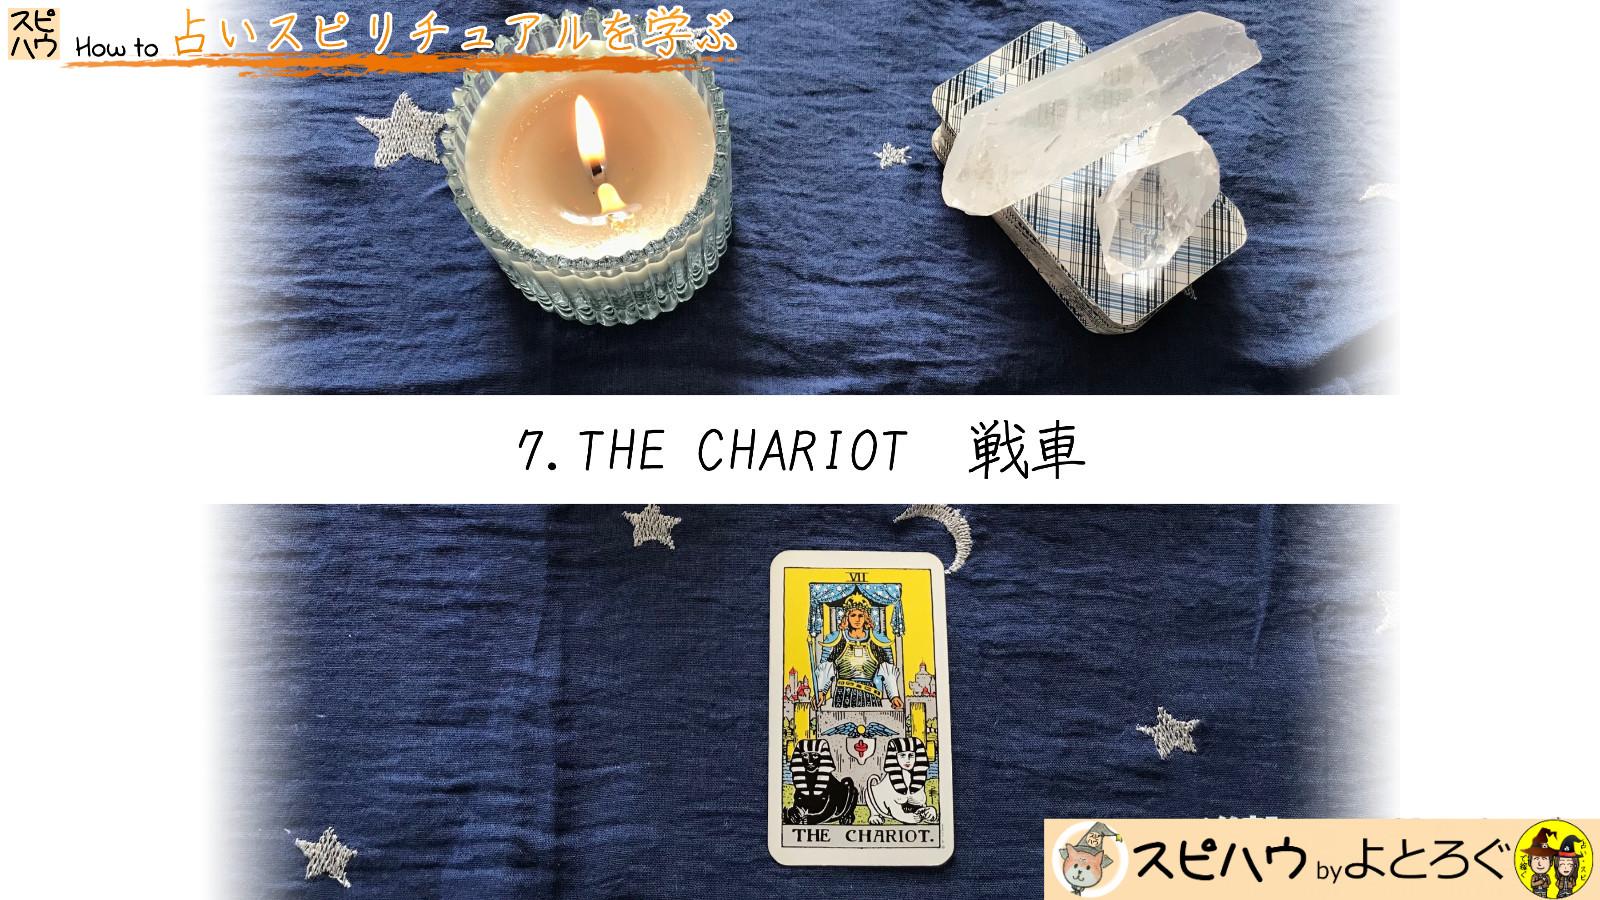 勝負の行方は自分次第 7.戦車 THE CHARIOTのカード画像